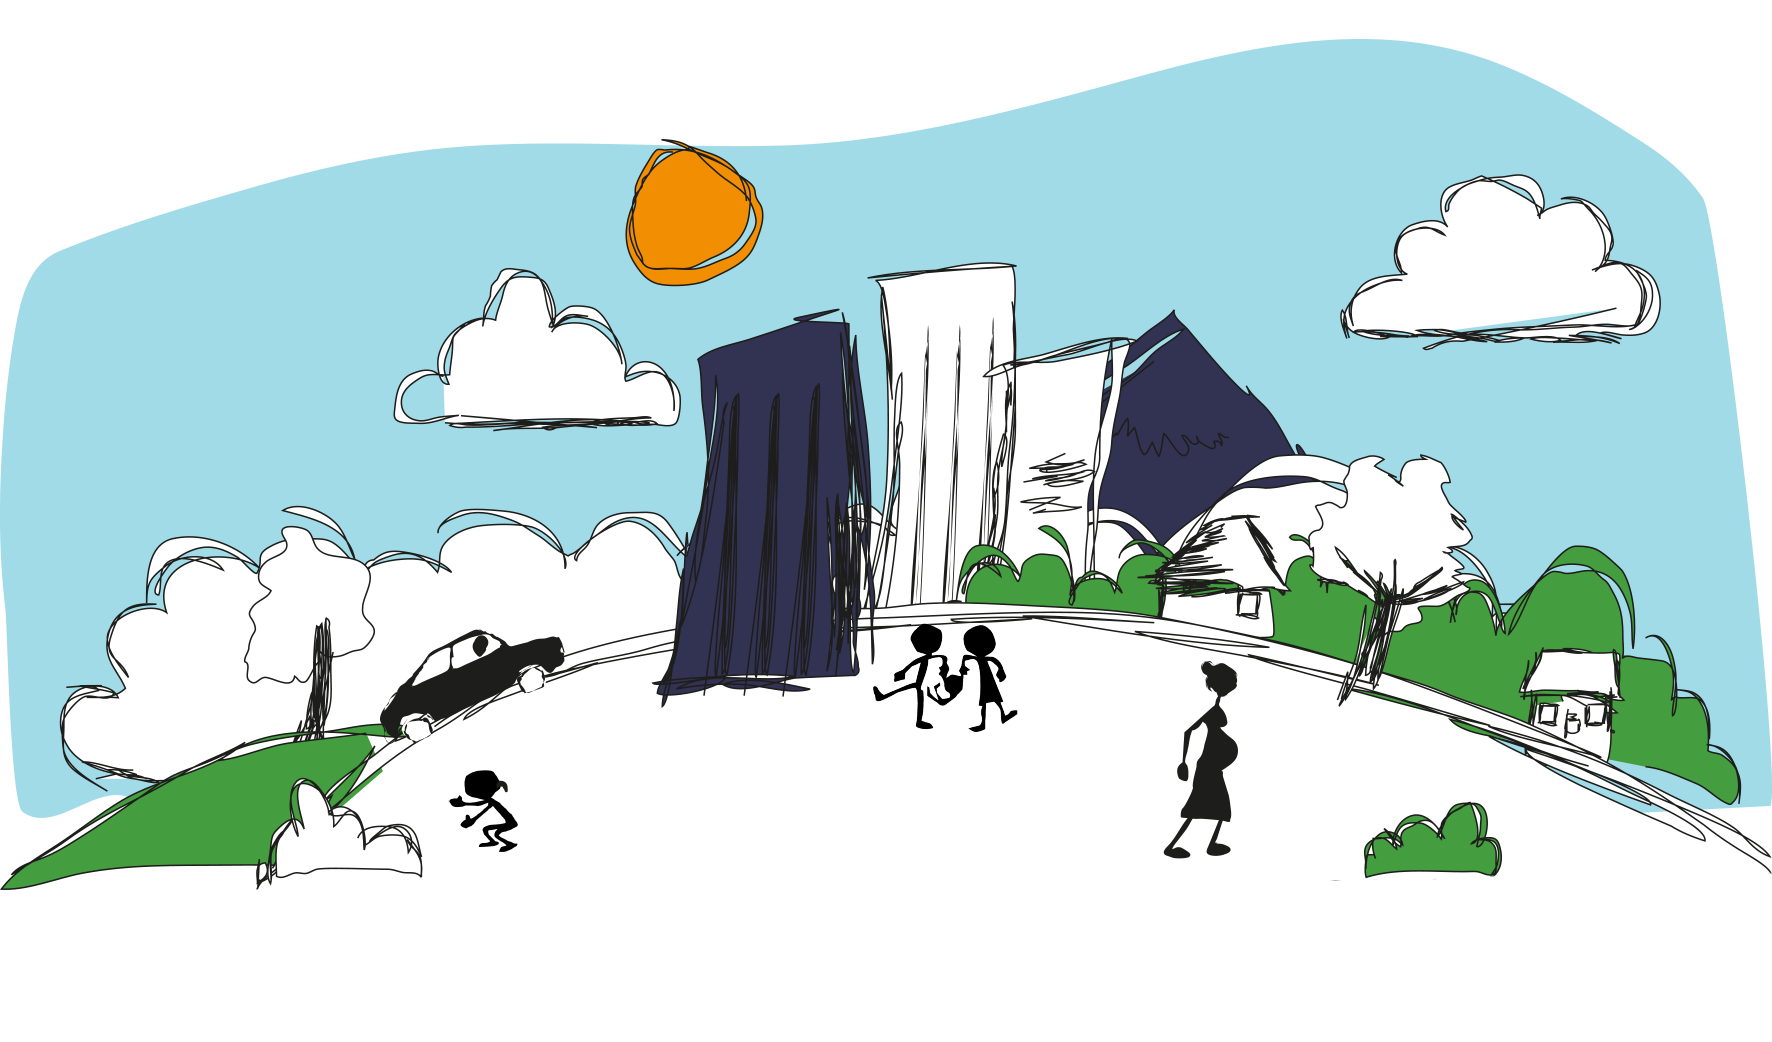 Communiqué de presse du Groupe Ecolo de Paris : Perturbateurs endocriniens, appliquons le principe de précaution !